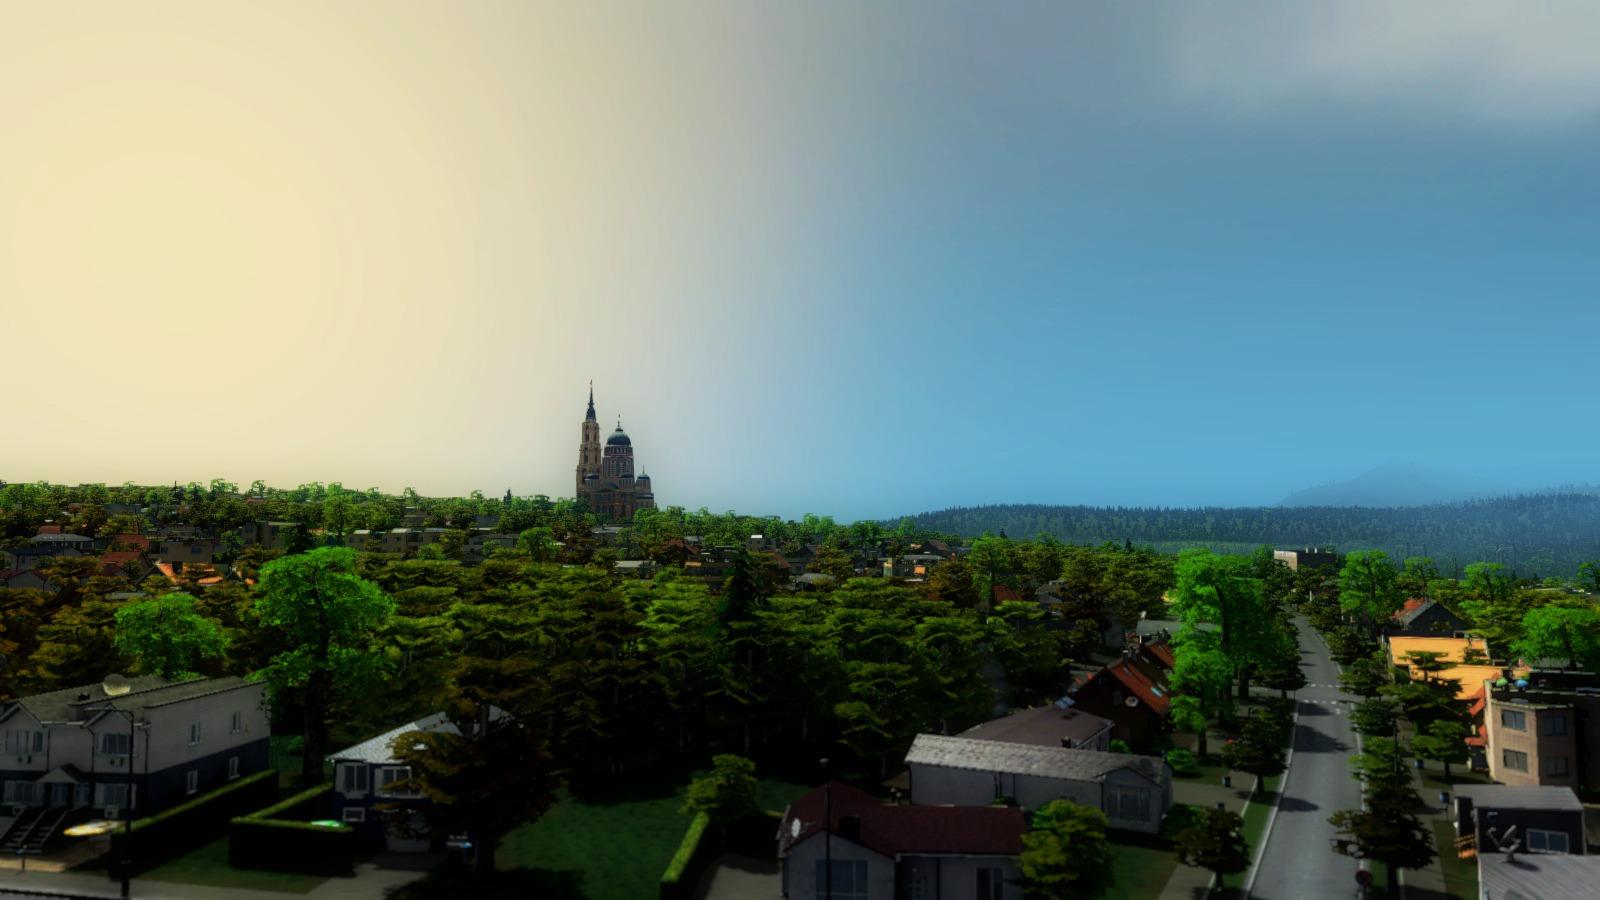 Royaume Norrois - Présentation des villes B87e7a_fcf78ff1065543f28a7ead3b43135db3.jpg?dn=255710_screenshots_2015-05-23_00010